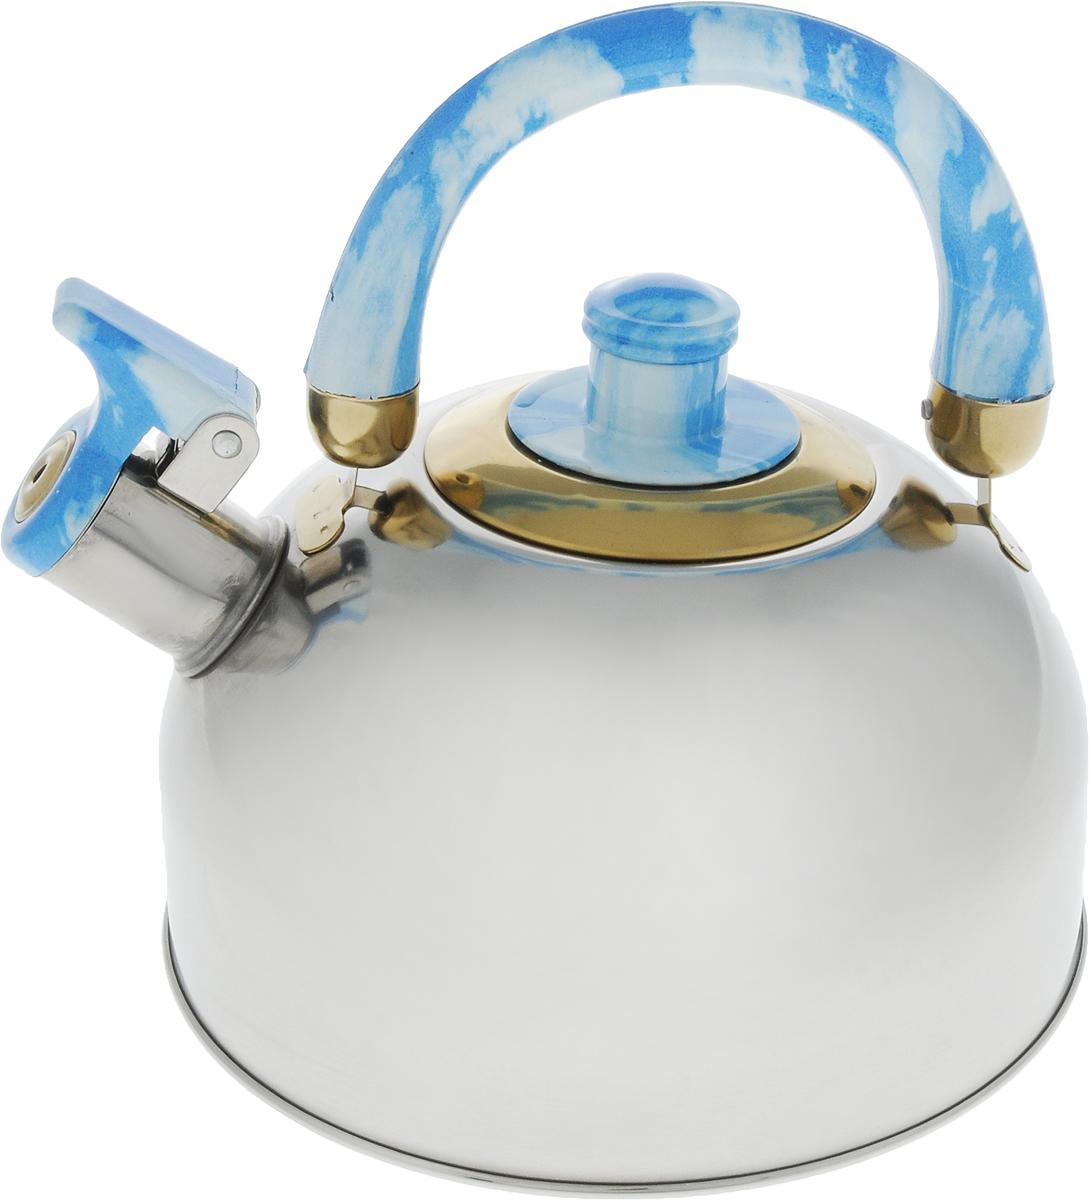 Чайник Bohmann, со свистком, 2,5 л. 621BHL68/5/3Чайник Bohmann изготовлен из нержавеющей стали с зеркальной полировкой. Высококачественная сталь представляет собой материал, из которого в течение нескольких десятилетий во всем мире производятся столовые приборы, кухонные инструменты и различные аксессуары. Этот материал обладает высокой стойкостью к коррозии и кислотам. Прочность, долговечность и надежность этого материала, а также первоклассная обработка обеспечивают практически неограниченный запас прочности и неизменно привлекательный внешний вид. Чайник оснащен удобной ручкой из бакелита. Ручка не нагревается, что предотвращает появление ожогов и обеспечивает безопасность использования. Носик чайника имеет откидной свисток для определения кипения. Можно использовать на всех типах плит, кроме индукционных. Можно мыть в посудомоечной машине. Диаметр (по верхнему краю): 8,5 см.Высота чайника (без учета ручки): 10 см.Высота чайника (с учетом ручки): 19,5 см.Диаметр основания: 14 см.